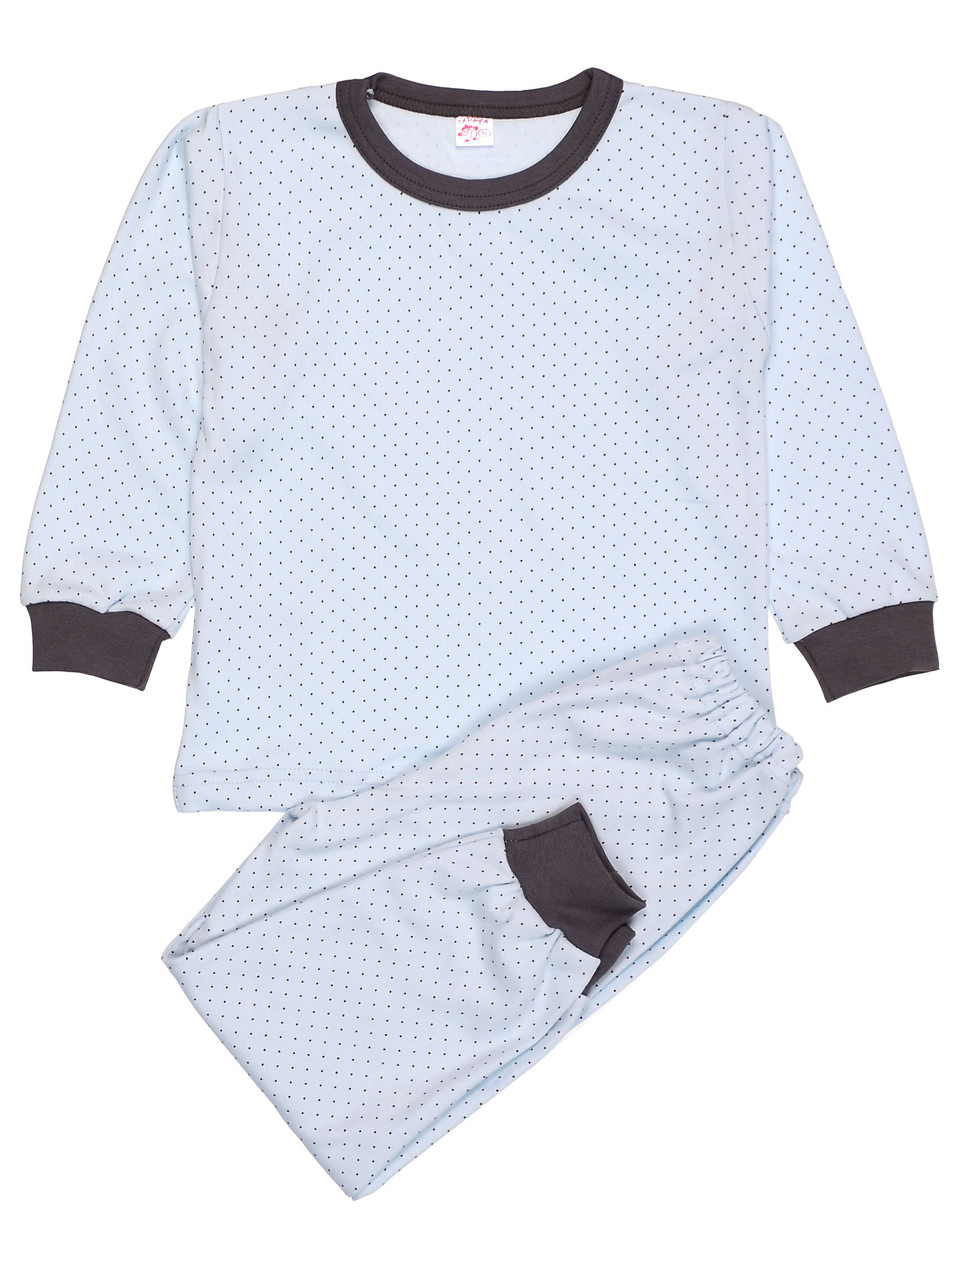 Пижама детская для мальчика, принт горох